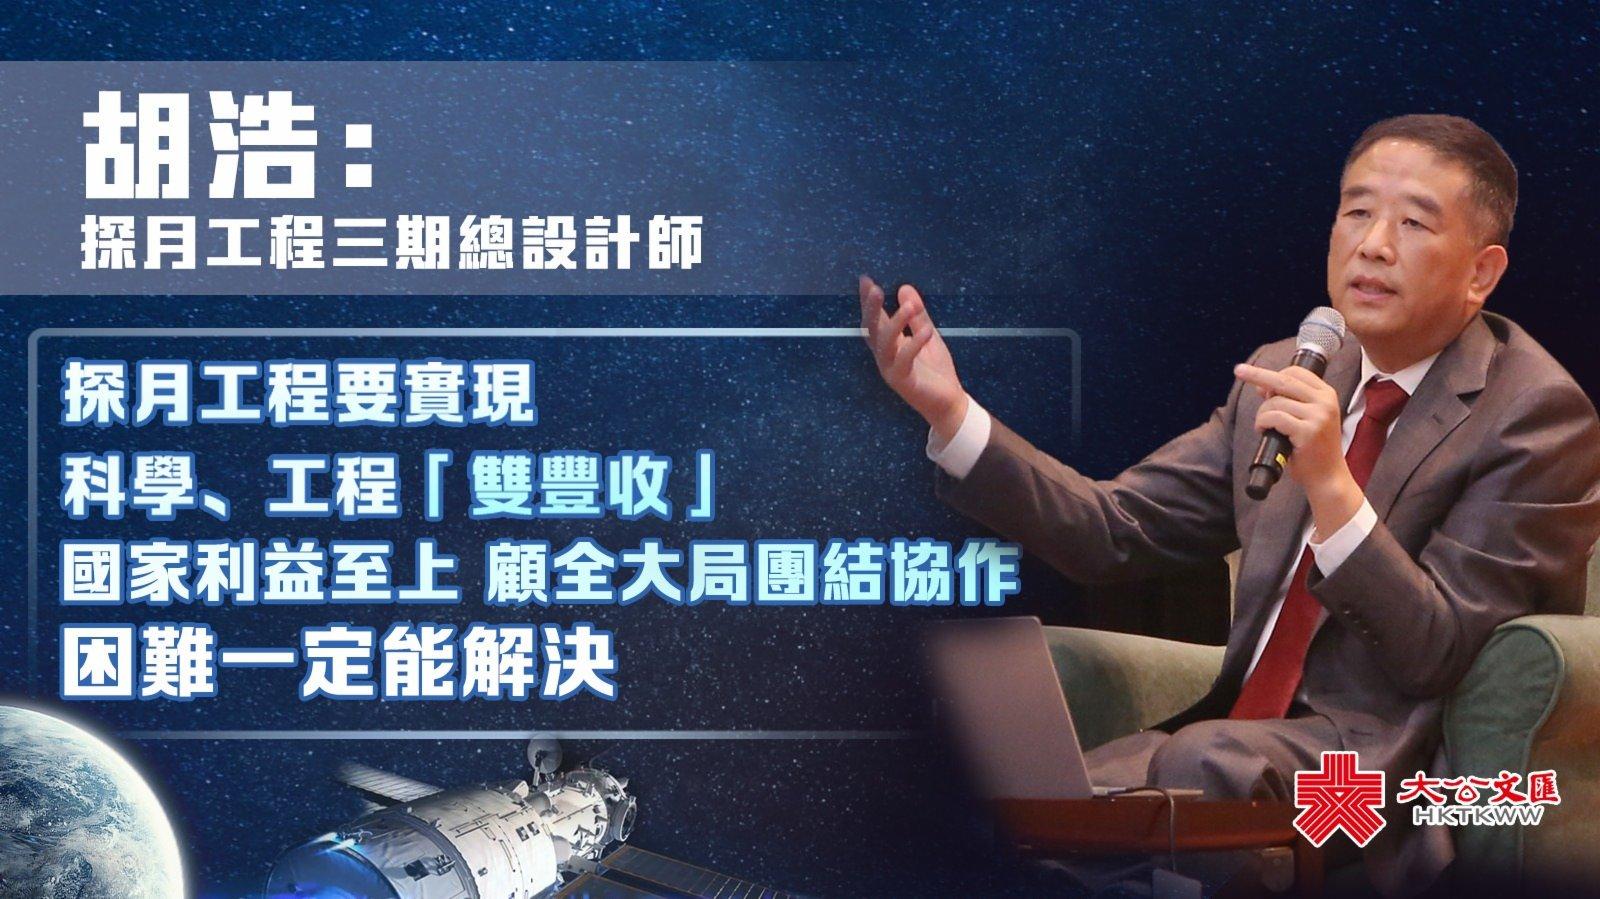 回放|航天科學家走進香港校園 公開講座活動《九天攬月》